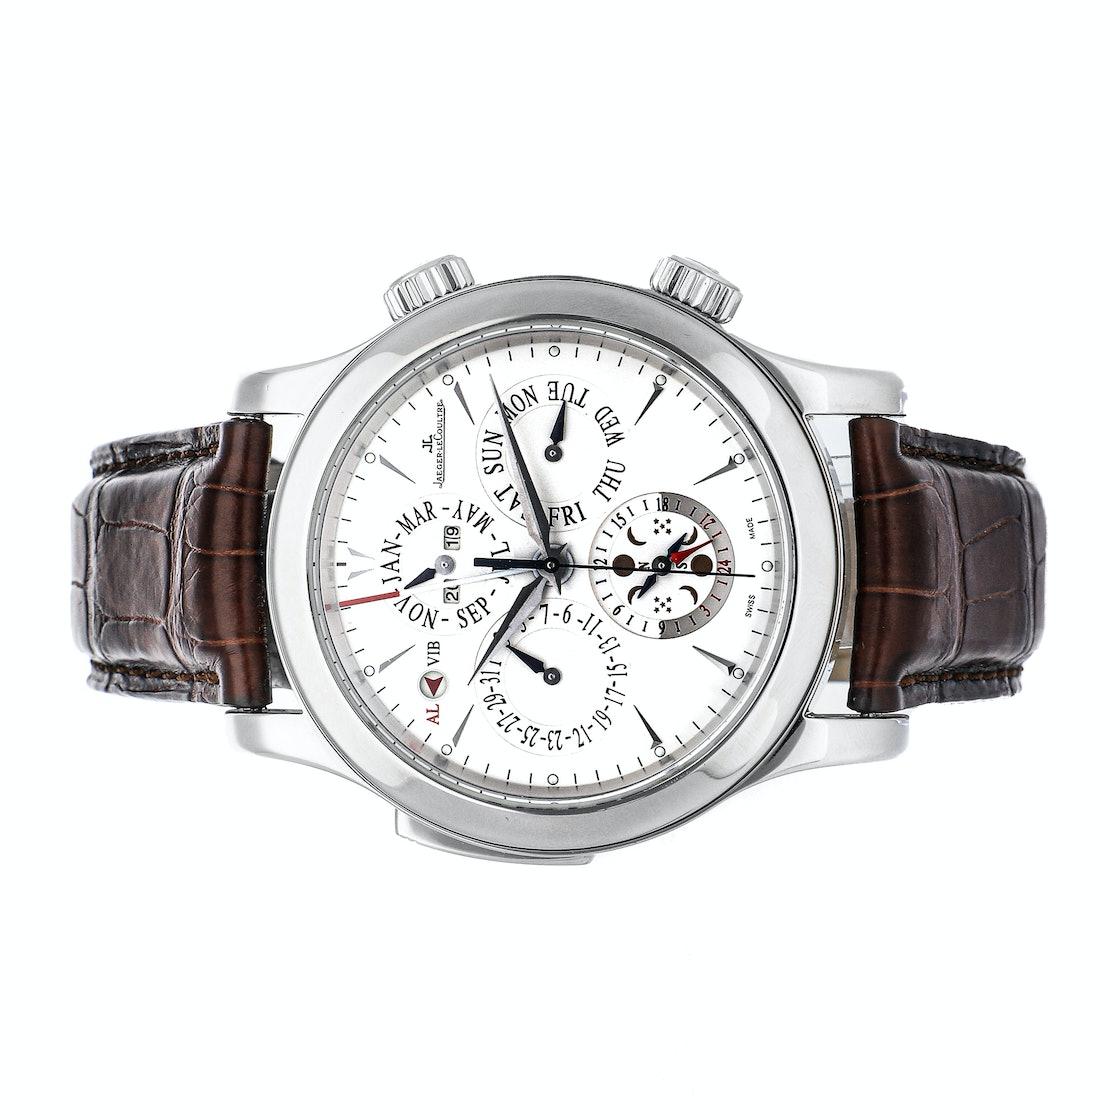 Jaeger-LeCoultre Master Grande Reveil Perpetual Calendar Q163842A